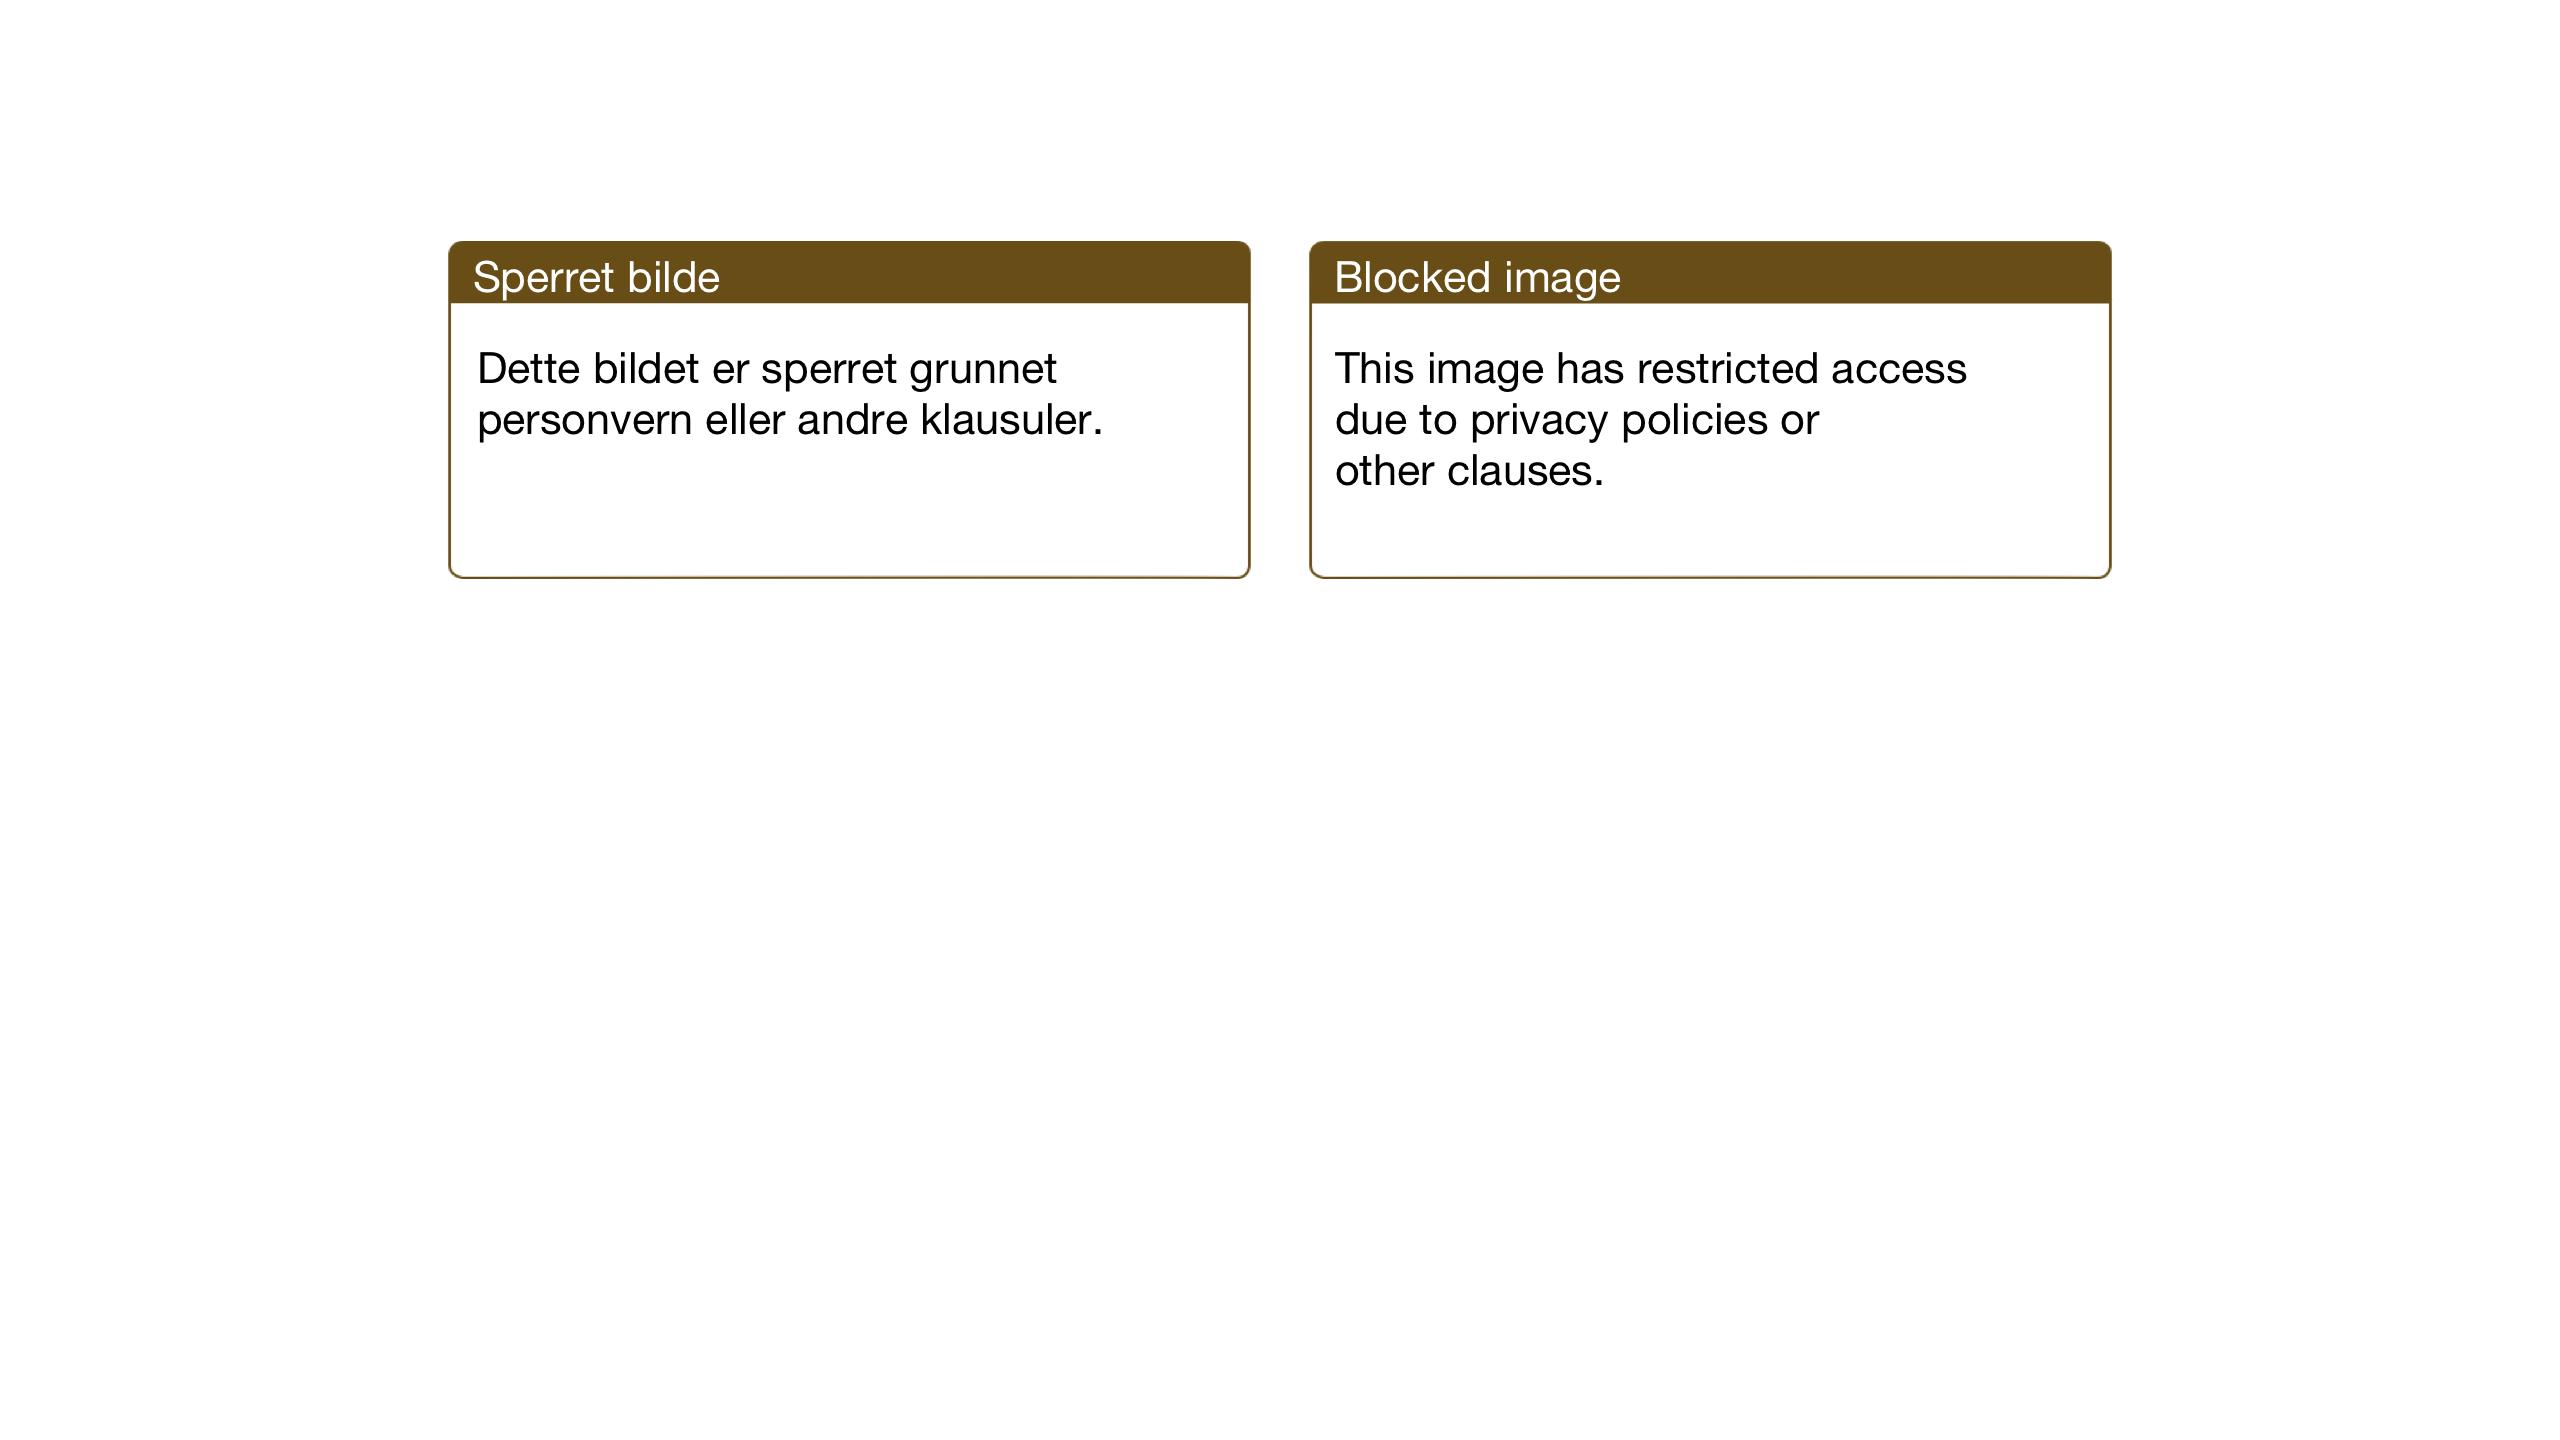 SAT, Ministerialprotokoller, klokkerbøker og fødselsregistre - Sør-Trøndelag, 698/L1169: Klokkerbok nr. 698C06, 1930-1949, s. 90